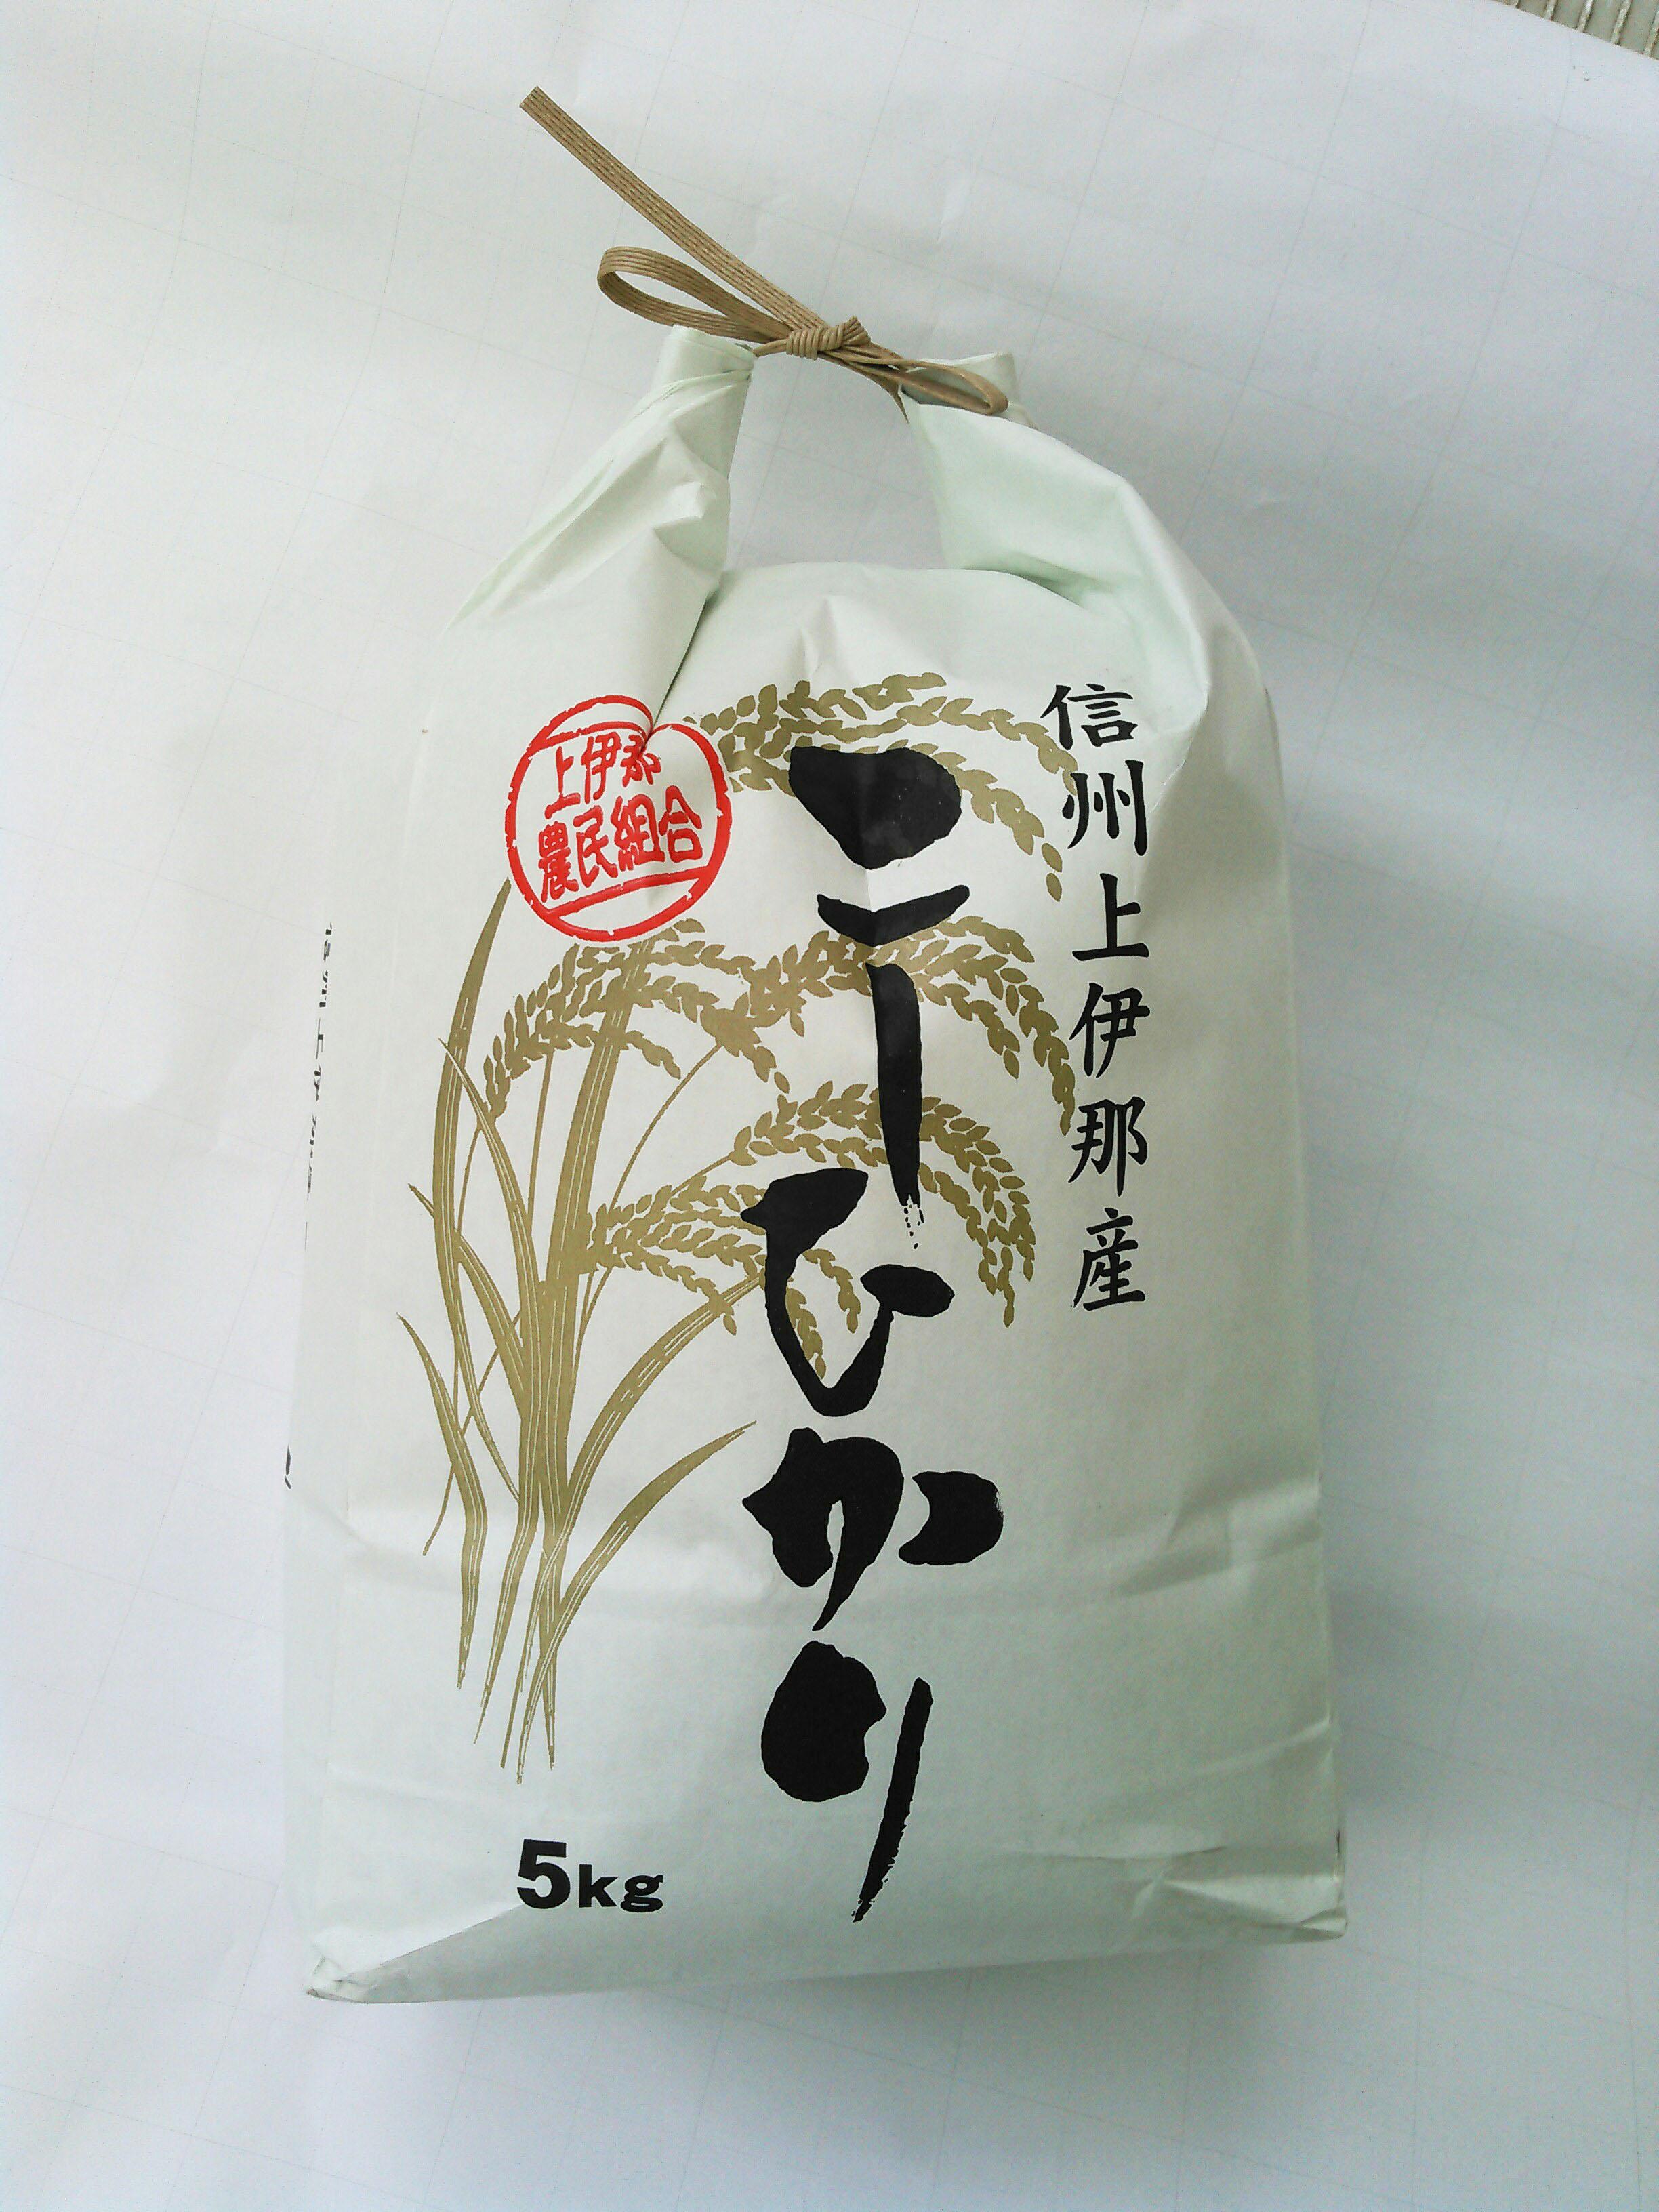 無農薬上伊那産コシヒカリ5kg(精白米)